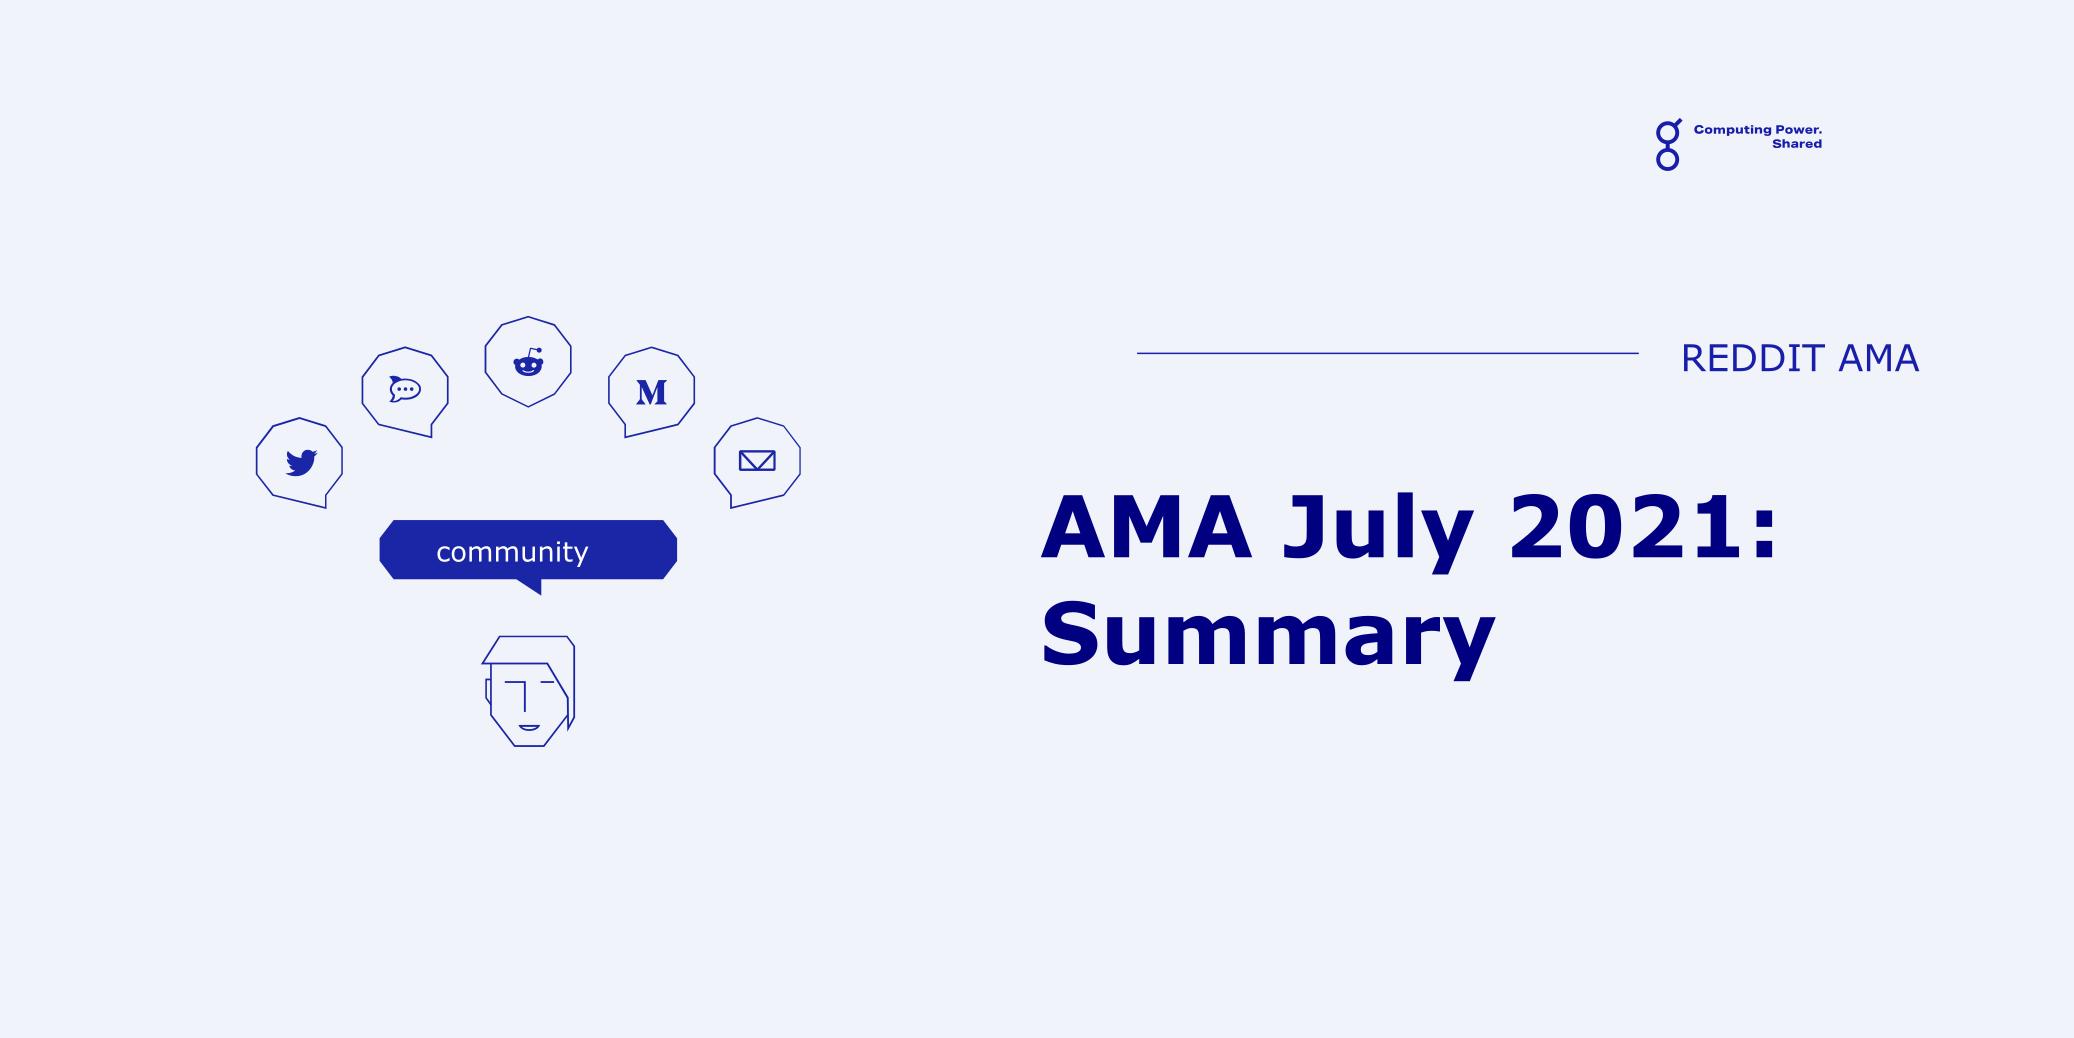 AMA July 2021 Summary